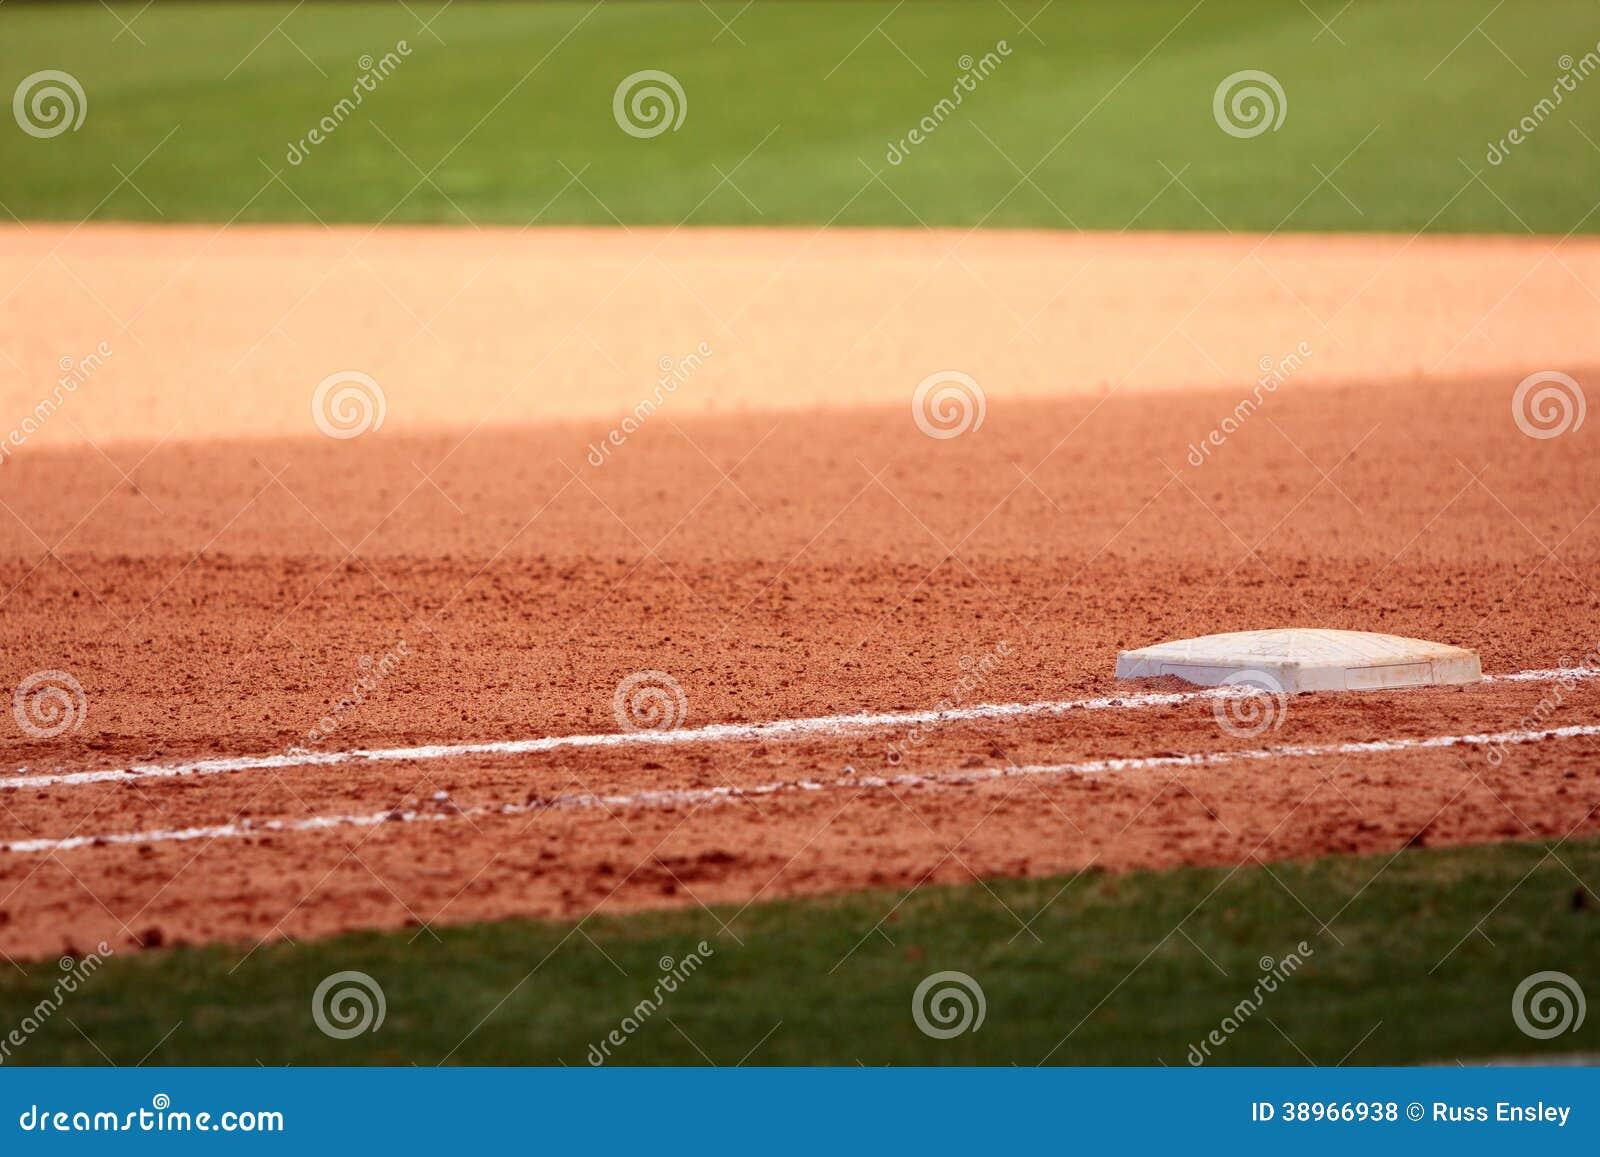 Pierwsza Baza Uwypuklająca W Pustym baseballa polu